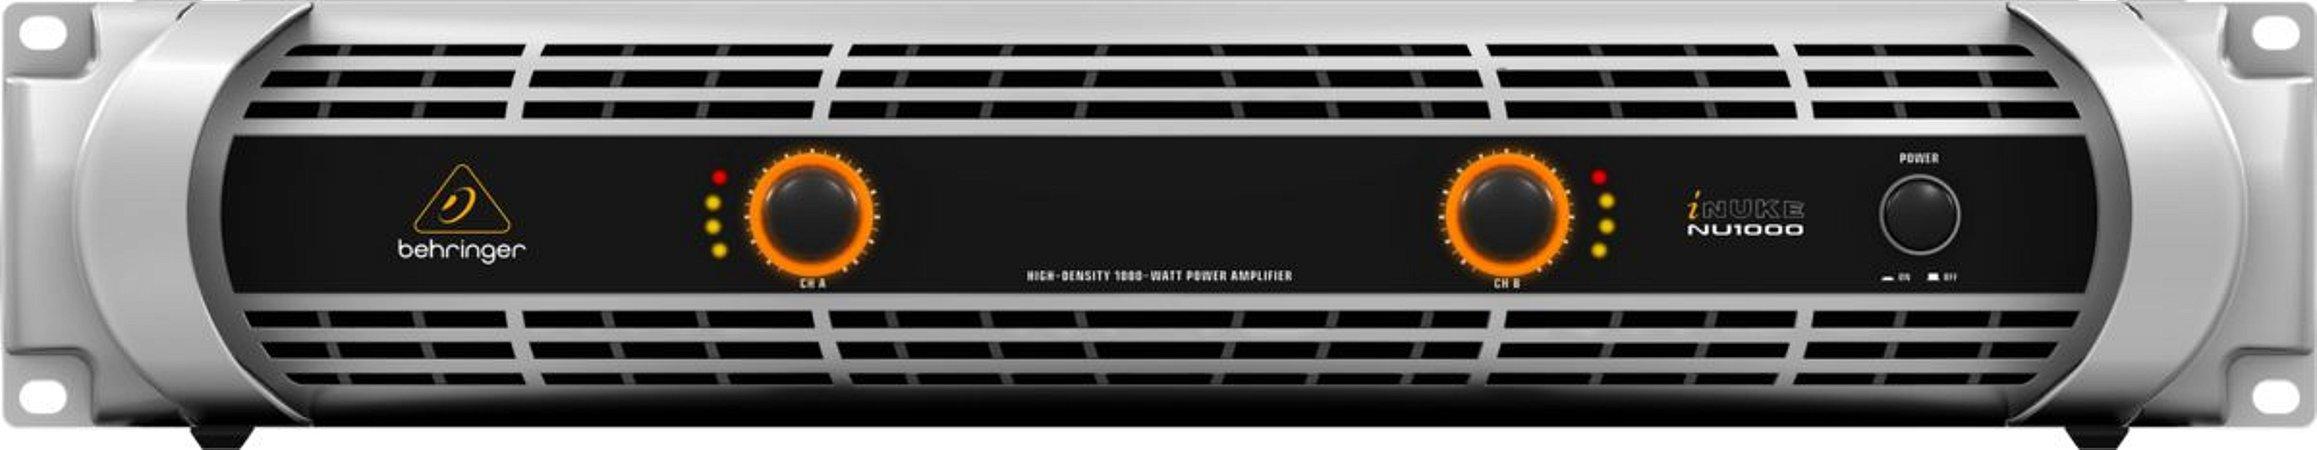 Amplificador Behringer Inuke NU1000 110V